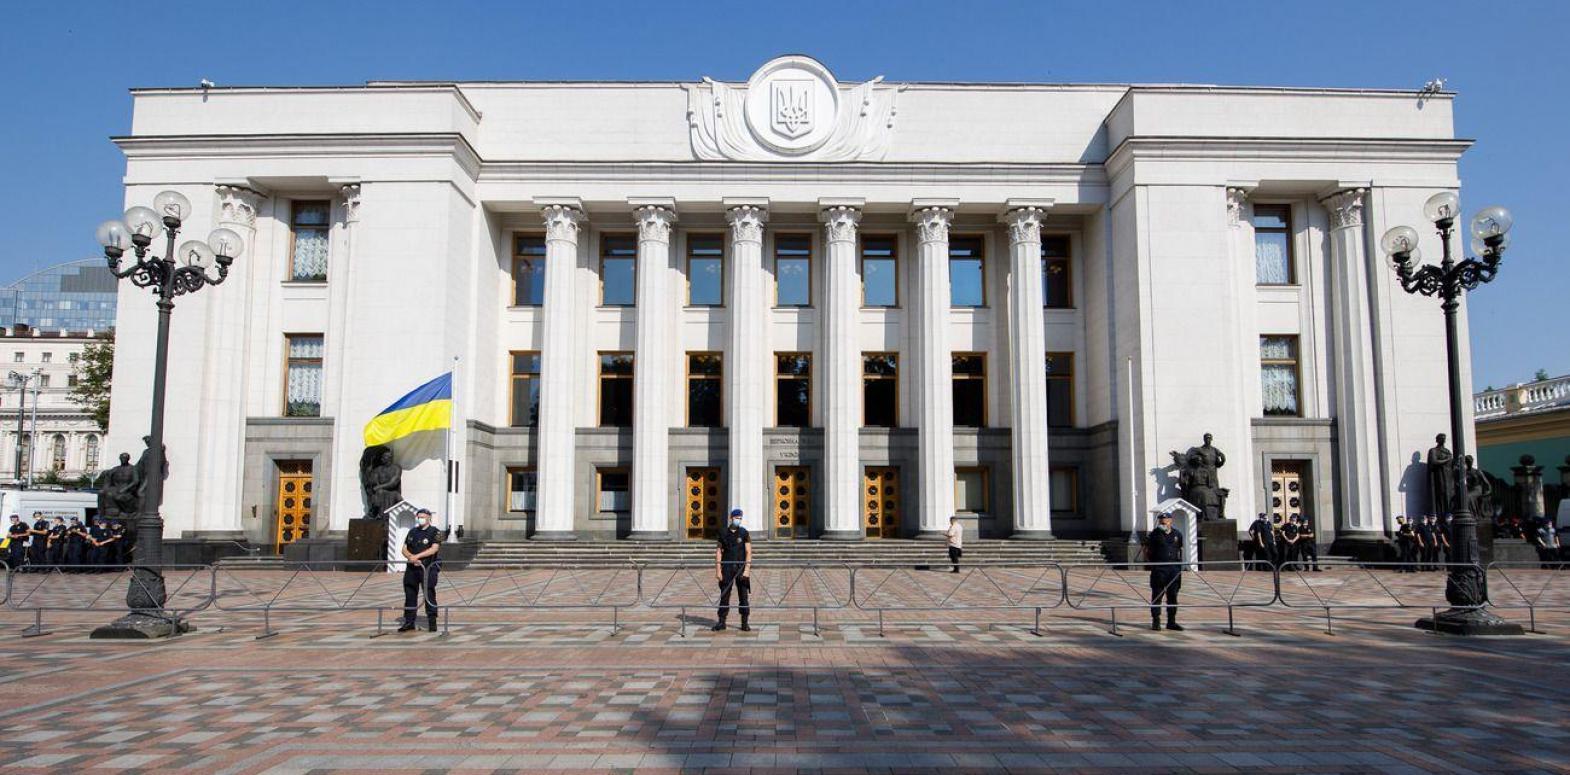 Повышение налогов может спровоцировать в Украине экономический кризис, - эксперт